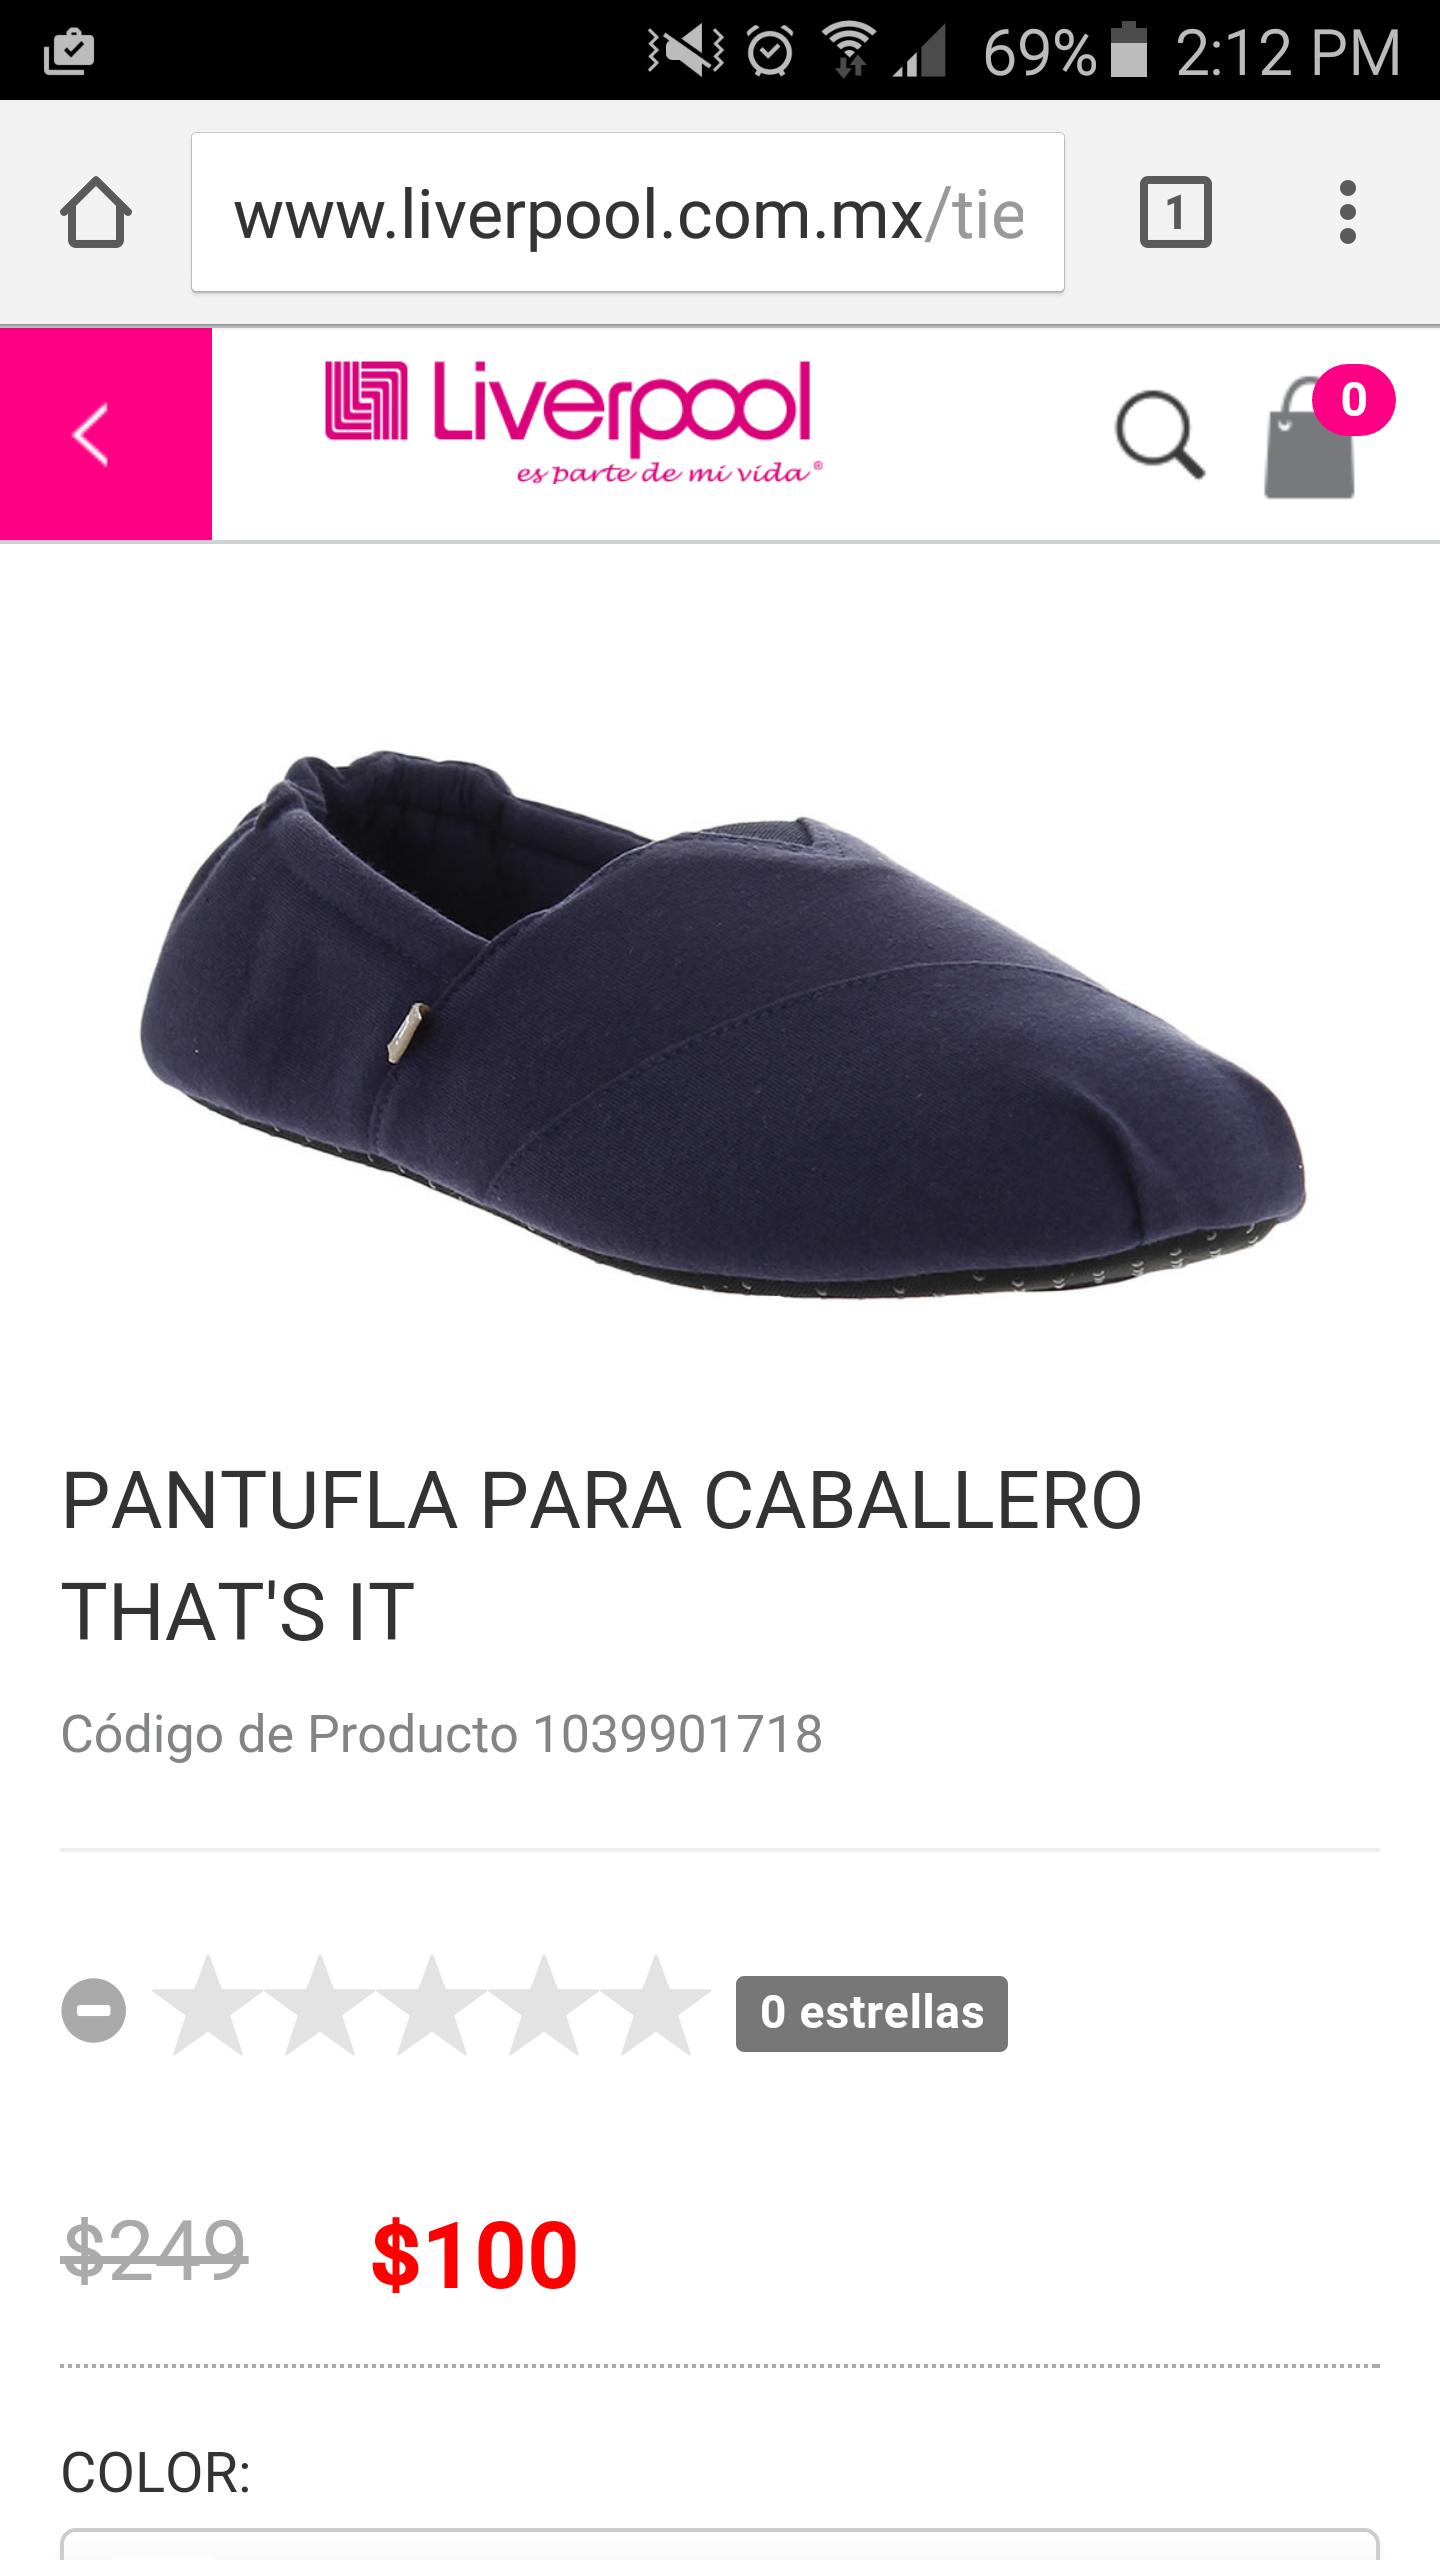 Liverpool: Pantuflas de caballero liverpool online